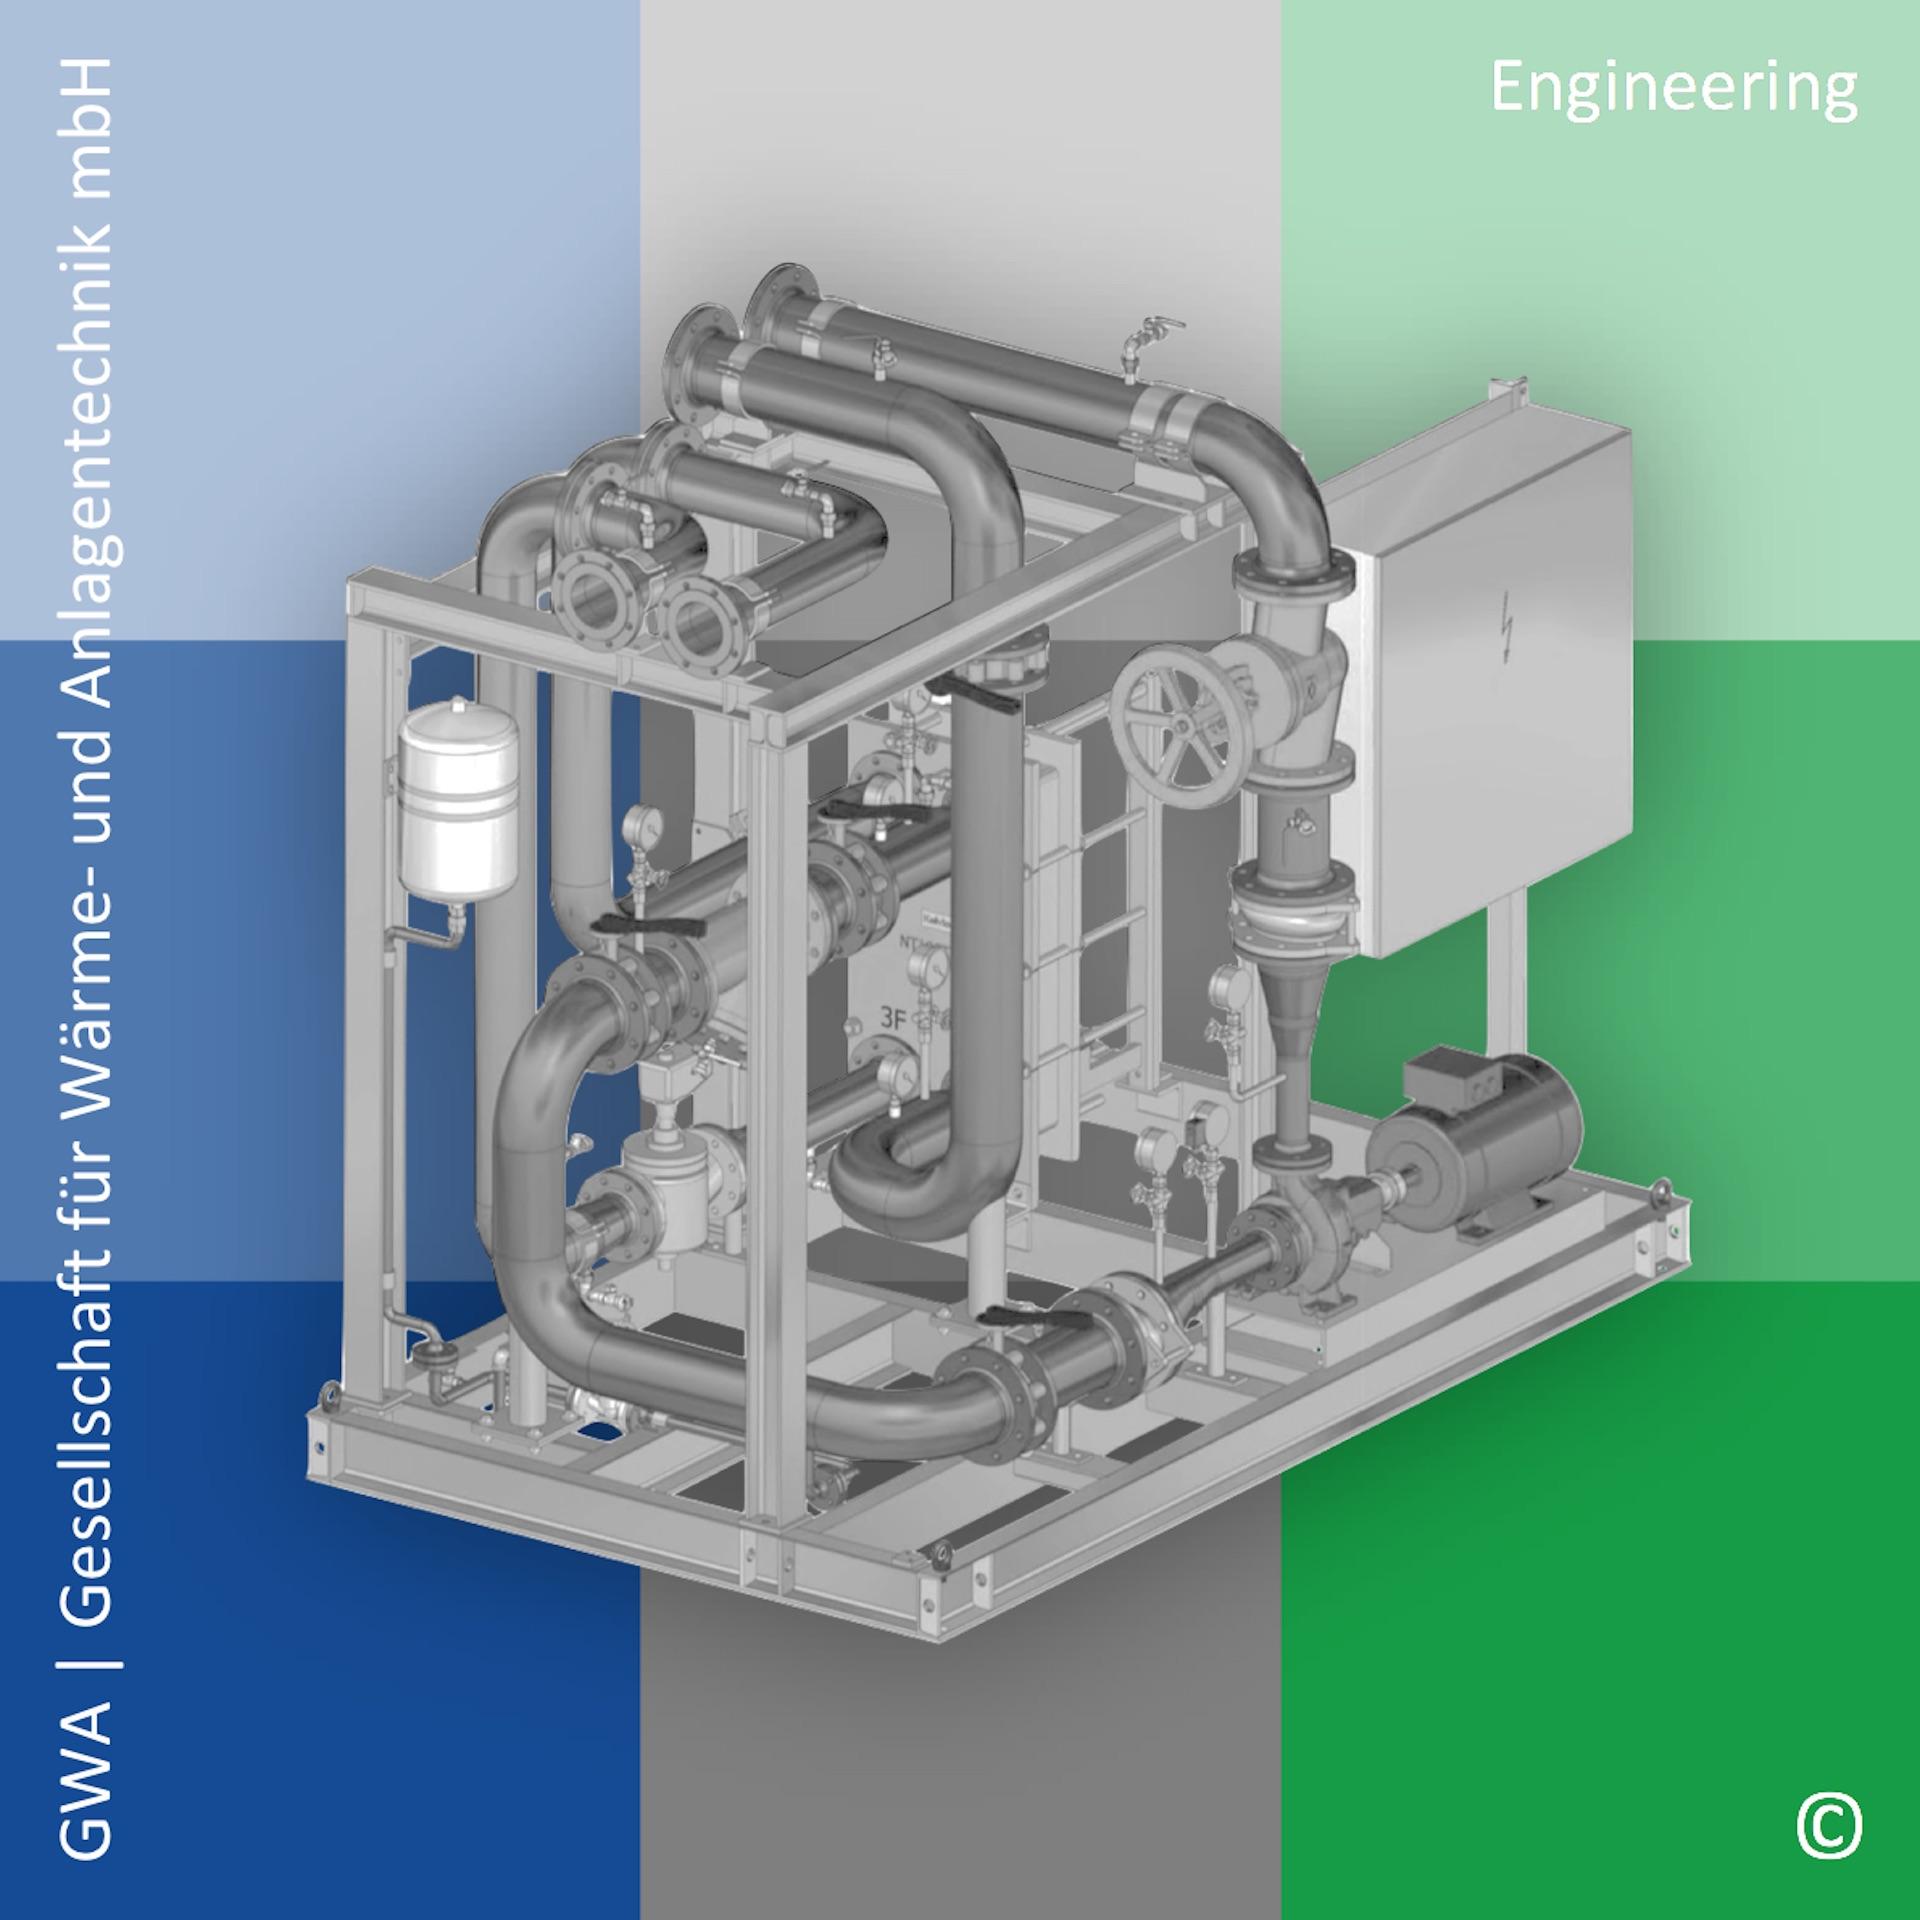 GWA_Engineering_Waermeaustauscher_Plattenwaermeaustauscher_Pumpenskid_mit_Plattenwaermetauscher_1_Gesellschaft_fuer_Waerme_und_Anlagentechnik